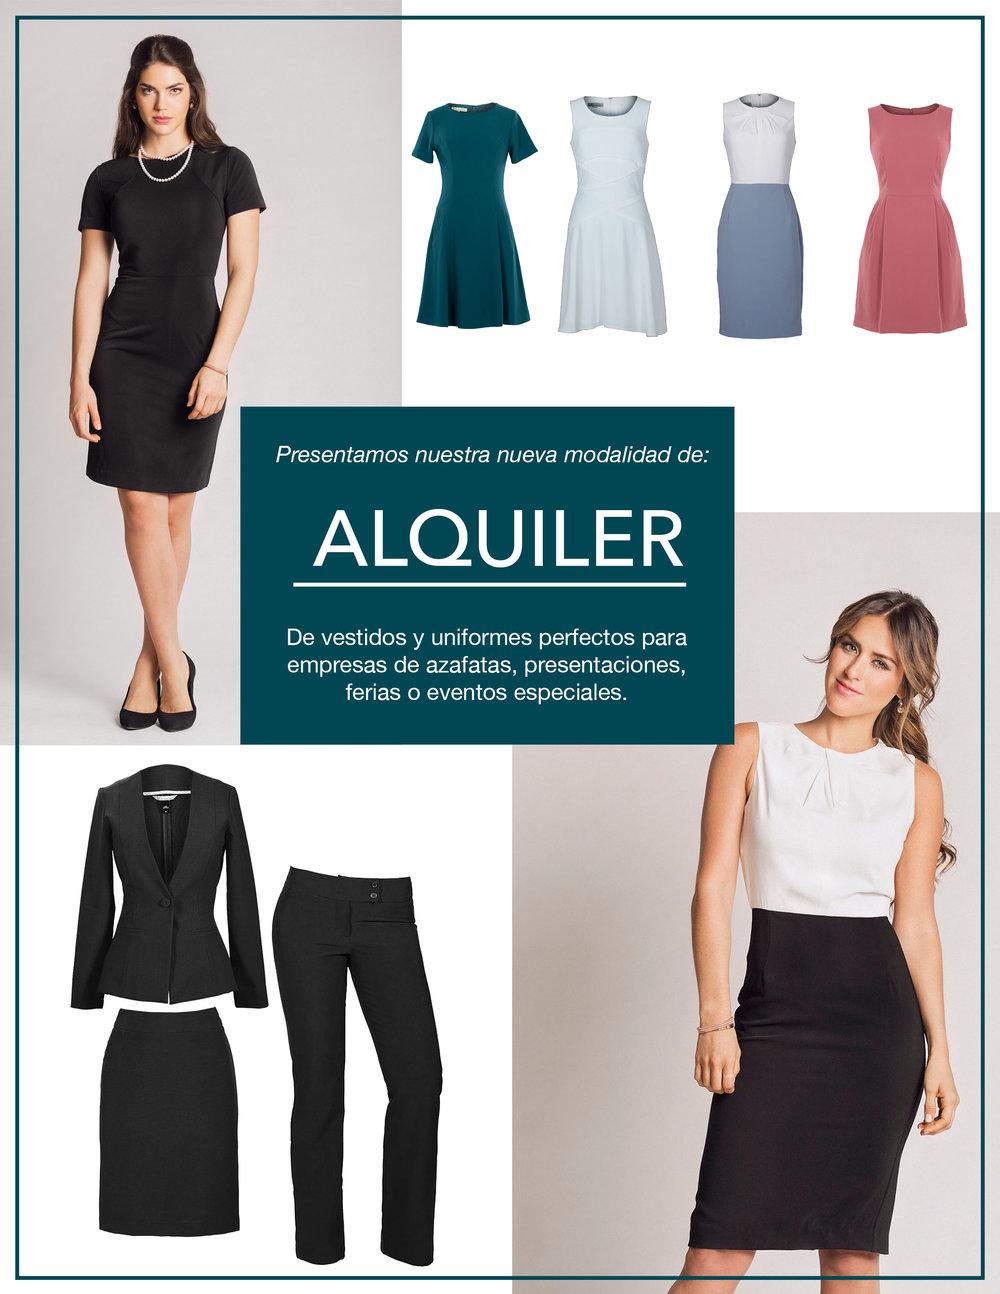 Promocion alquiler vestidos.jpg